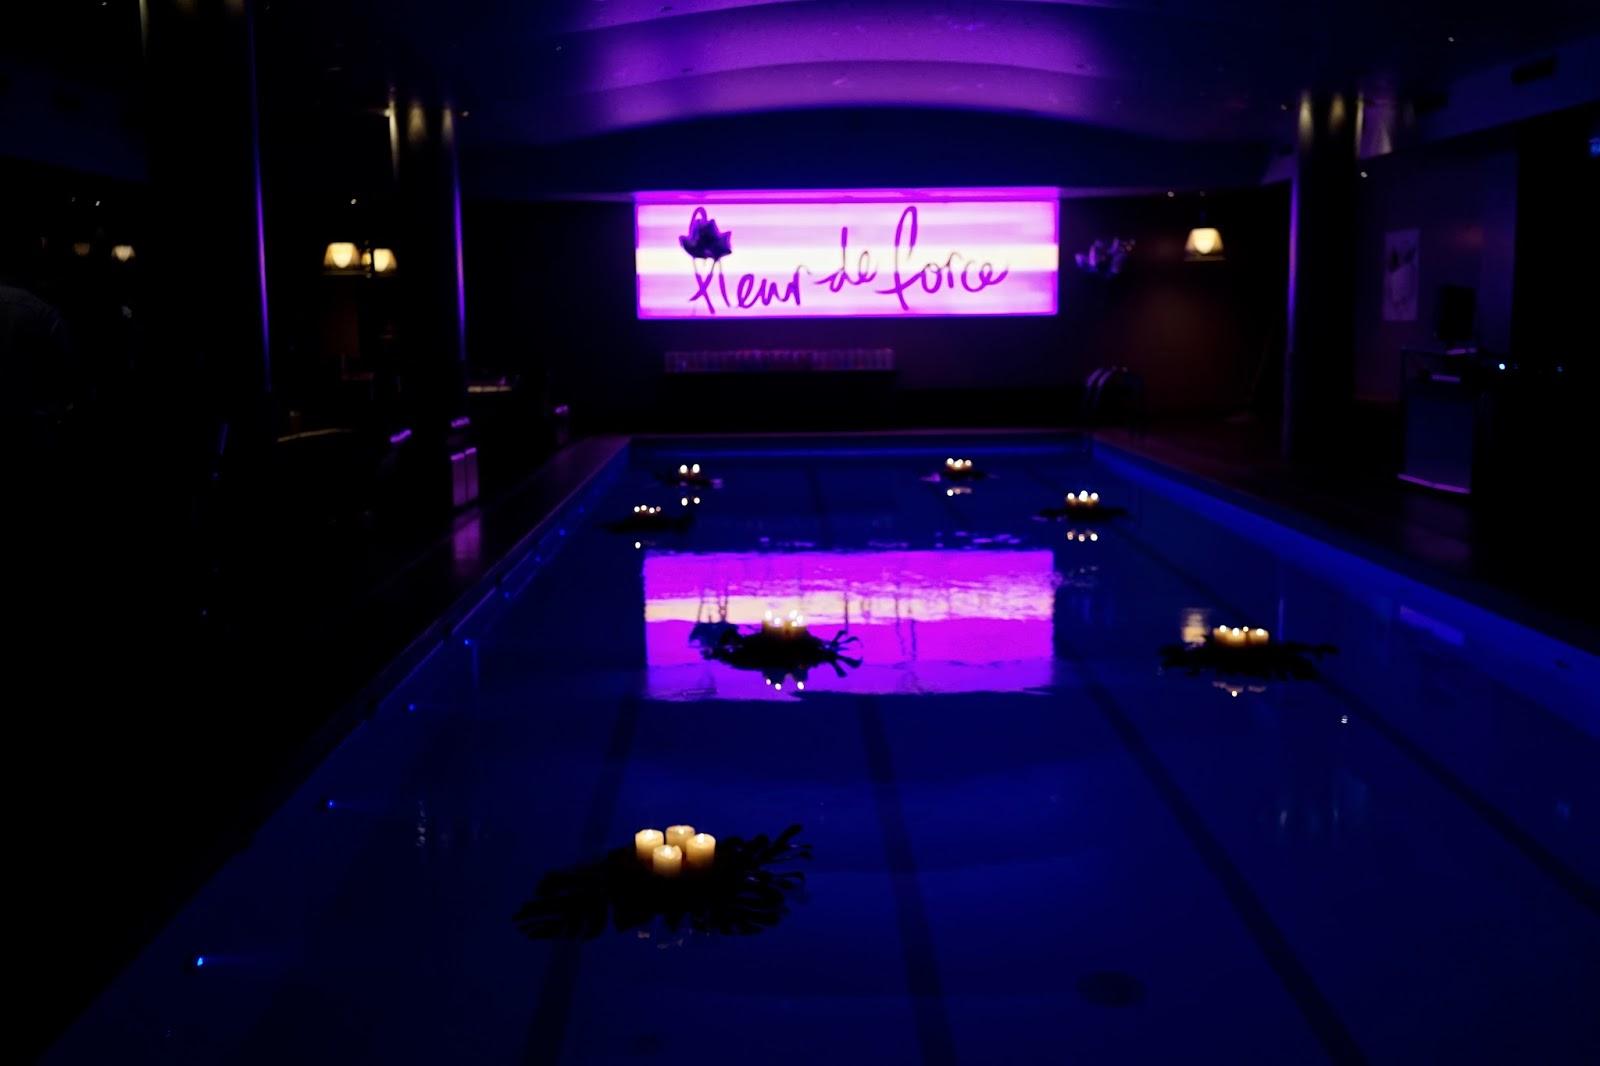 Fleur de force beauty launch party